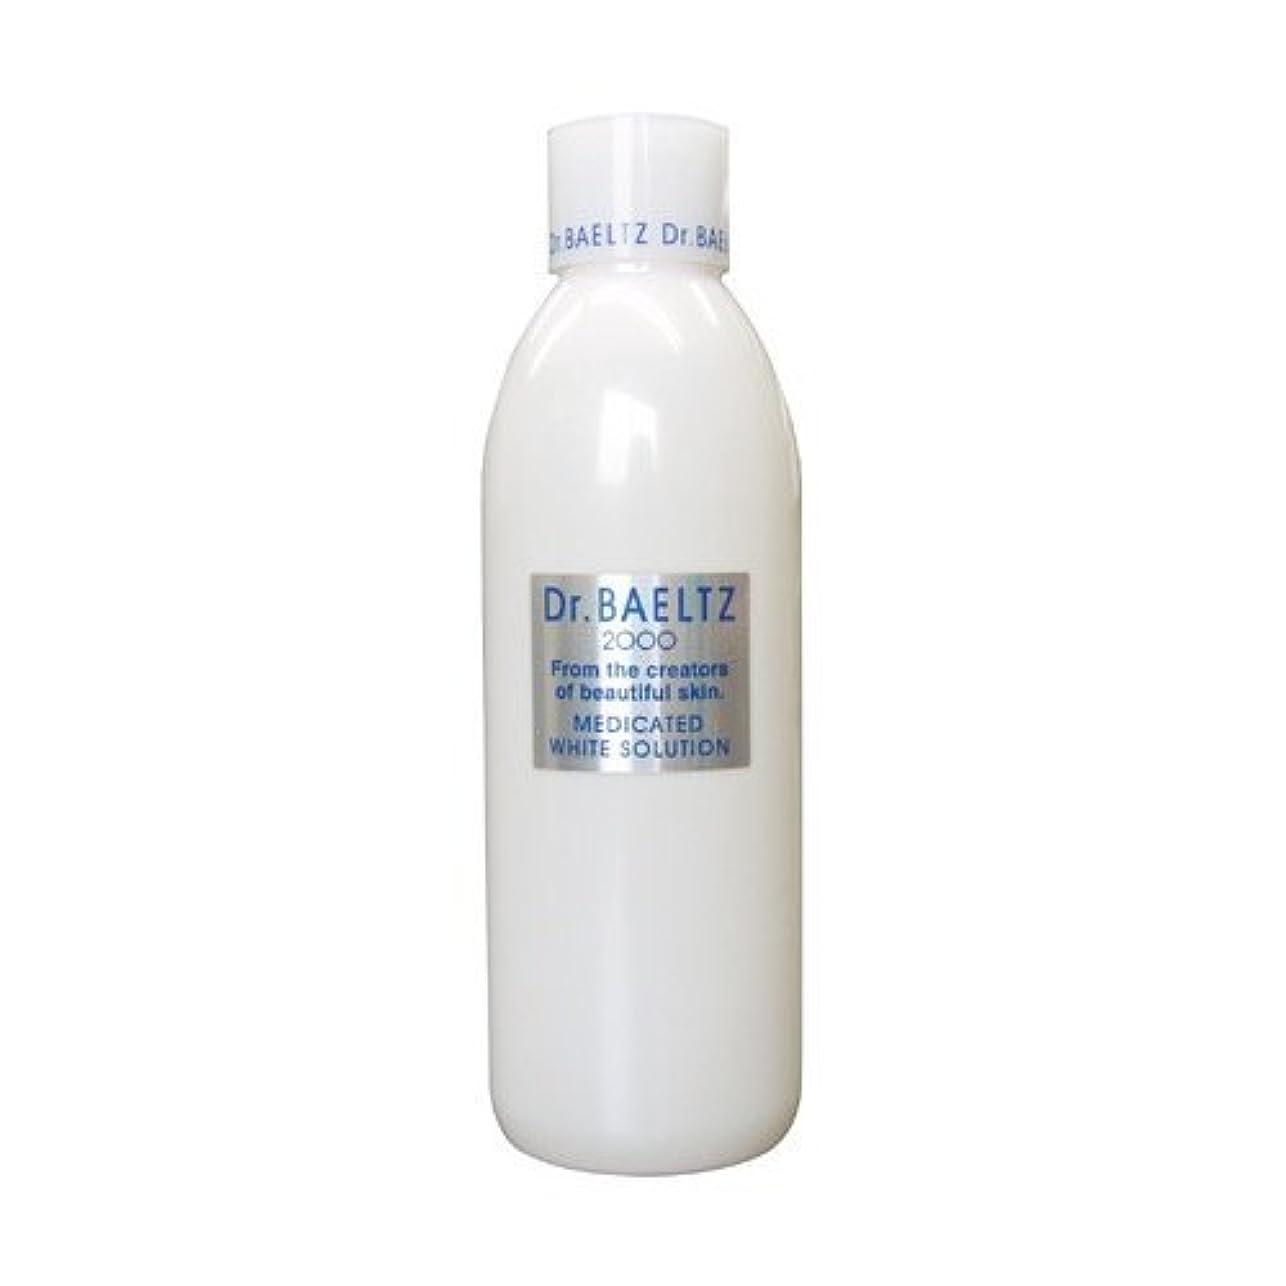 皮肉ディーラー偶然ドクターベルツ(Dr.BAELTZ) 薬用ホワイトソリューション 300ml(美白化粧水 医薬部外品)